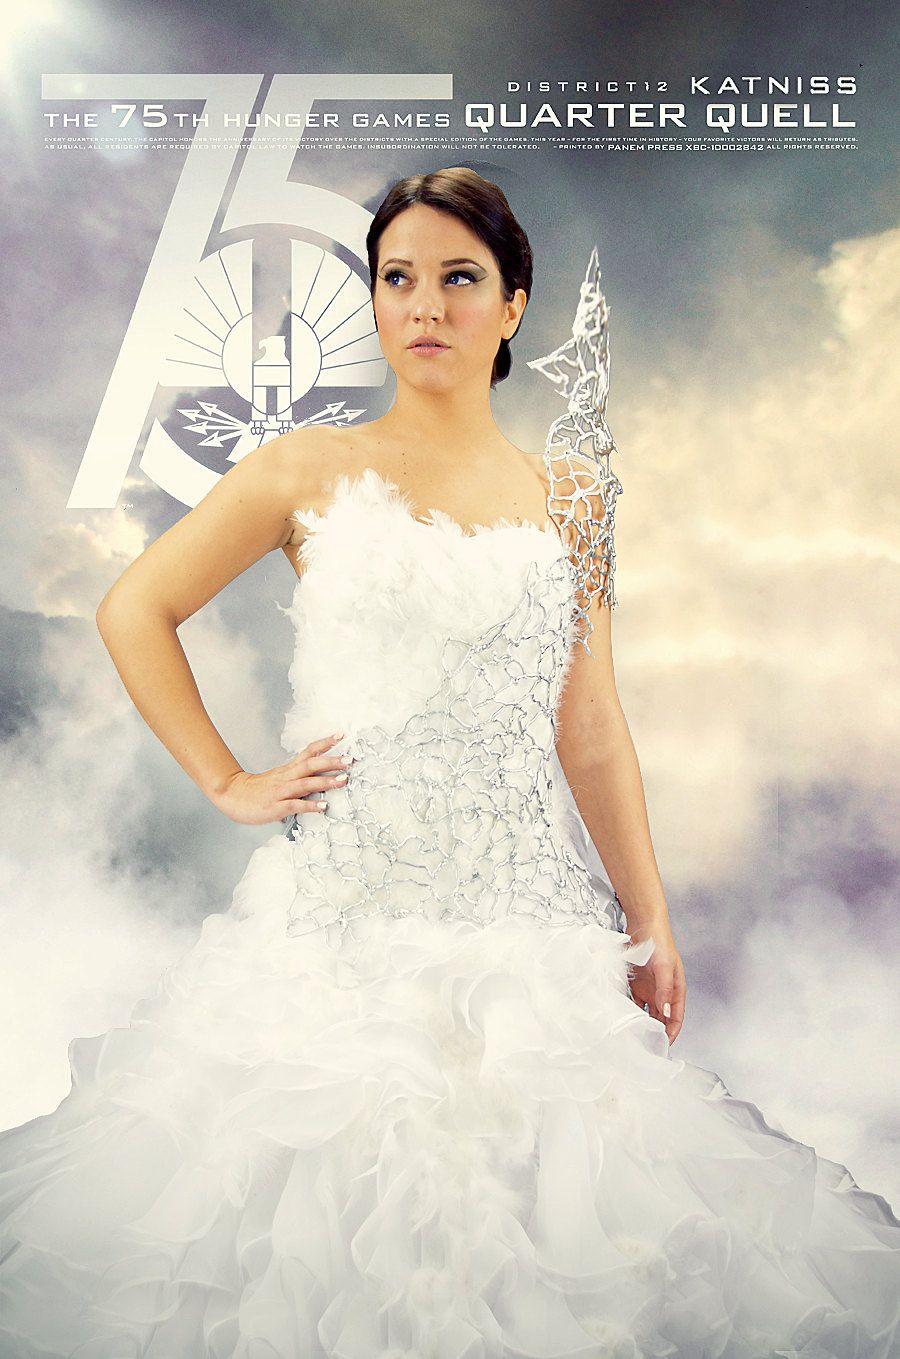 The hunger games catching fire katniss wedding dress designer - Katniss Everdeen Mockingjay Wedding Interview Dress By Valchiria 450 00